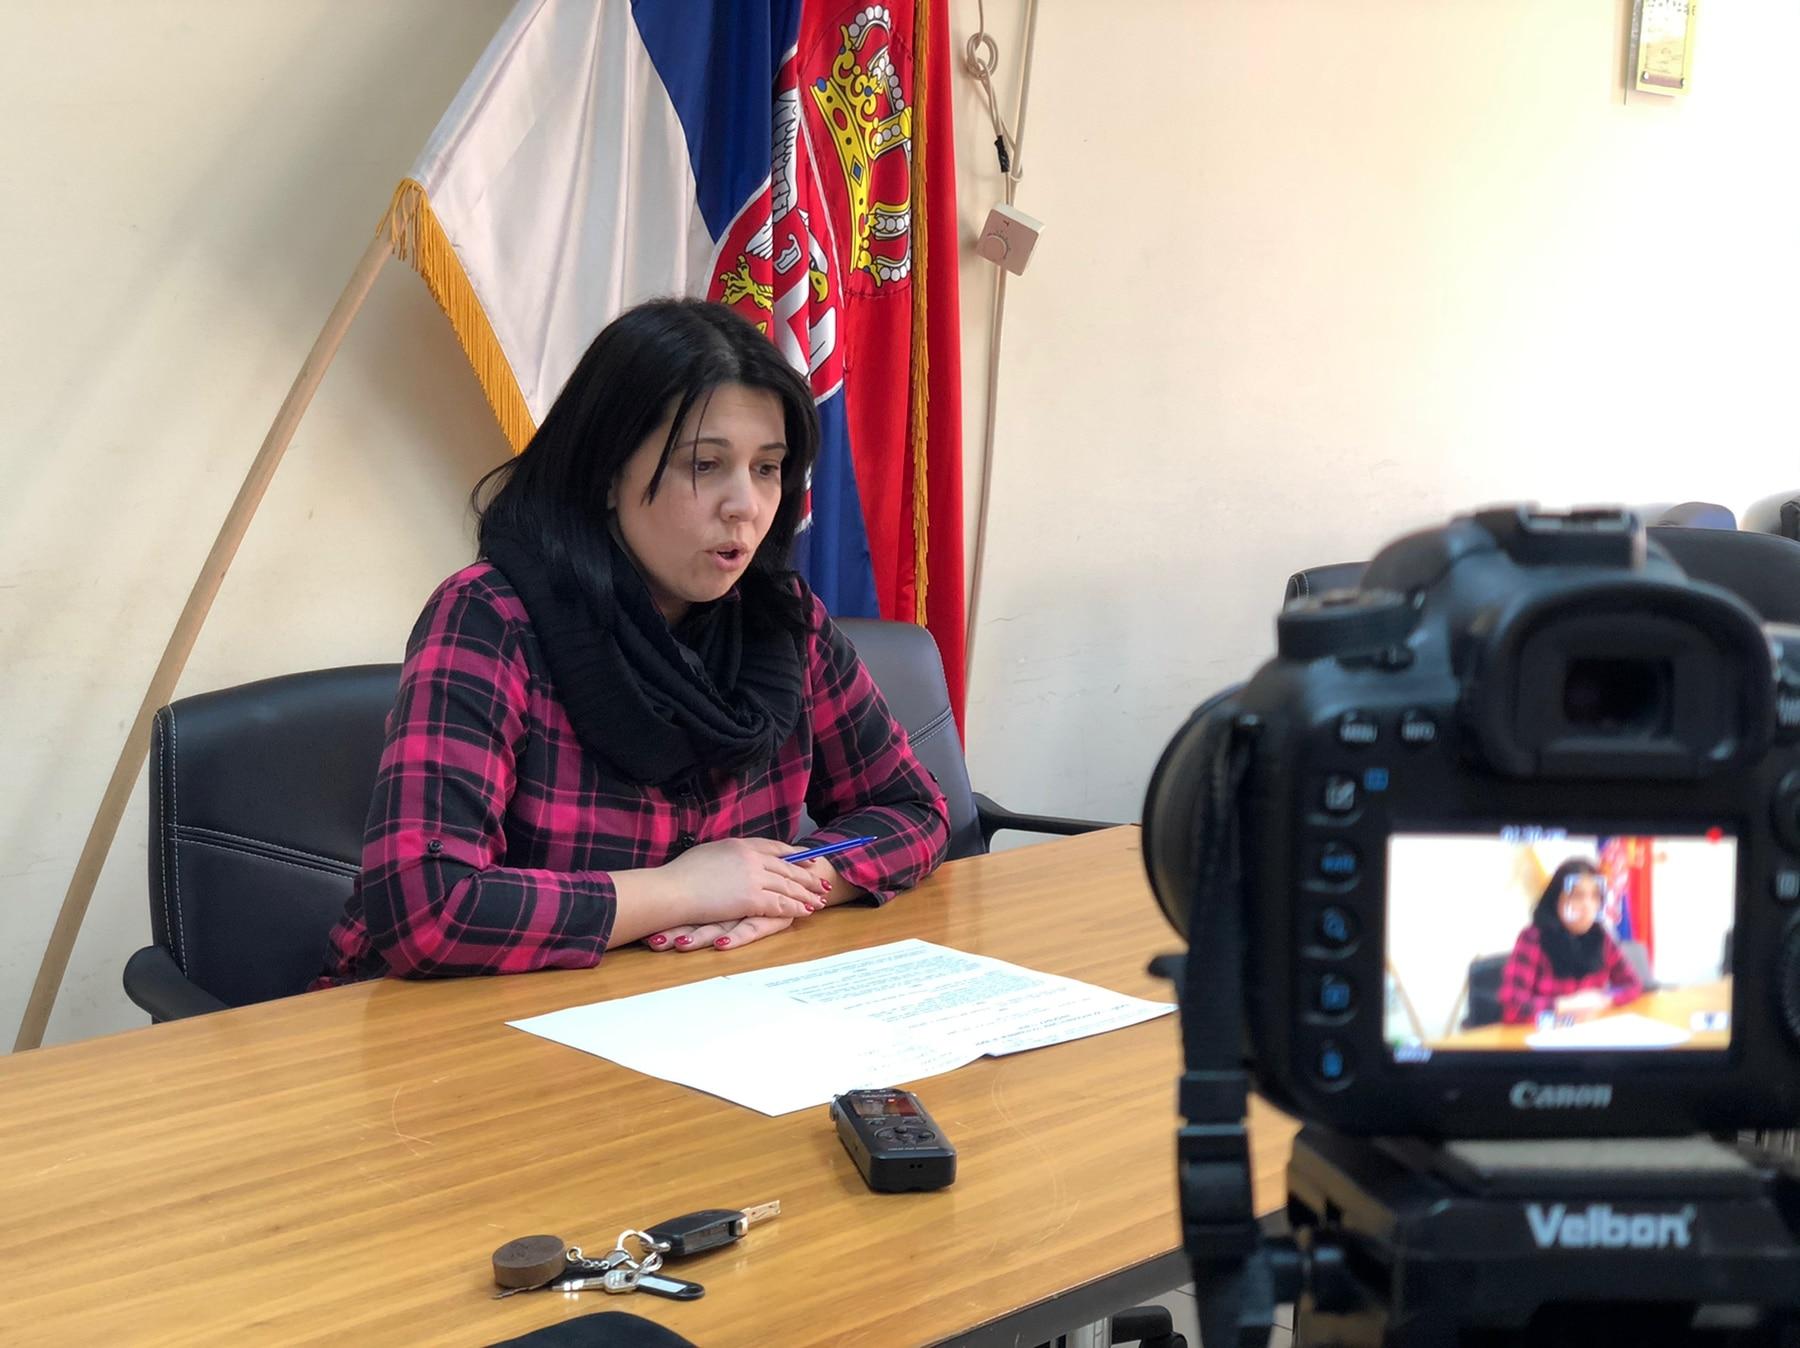 Predsednica opštine Jelena Trifunović, foto: M.M.